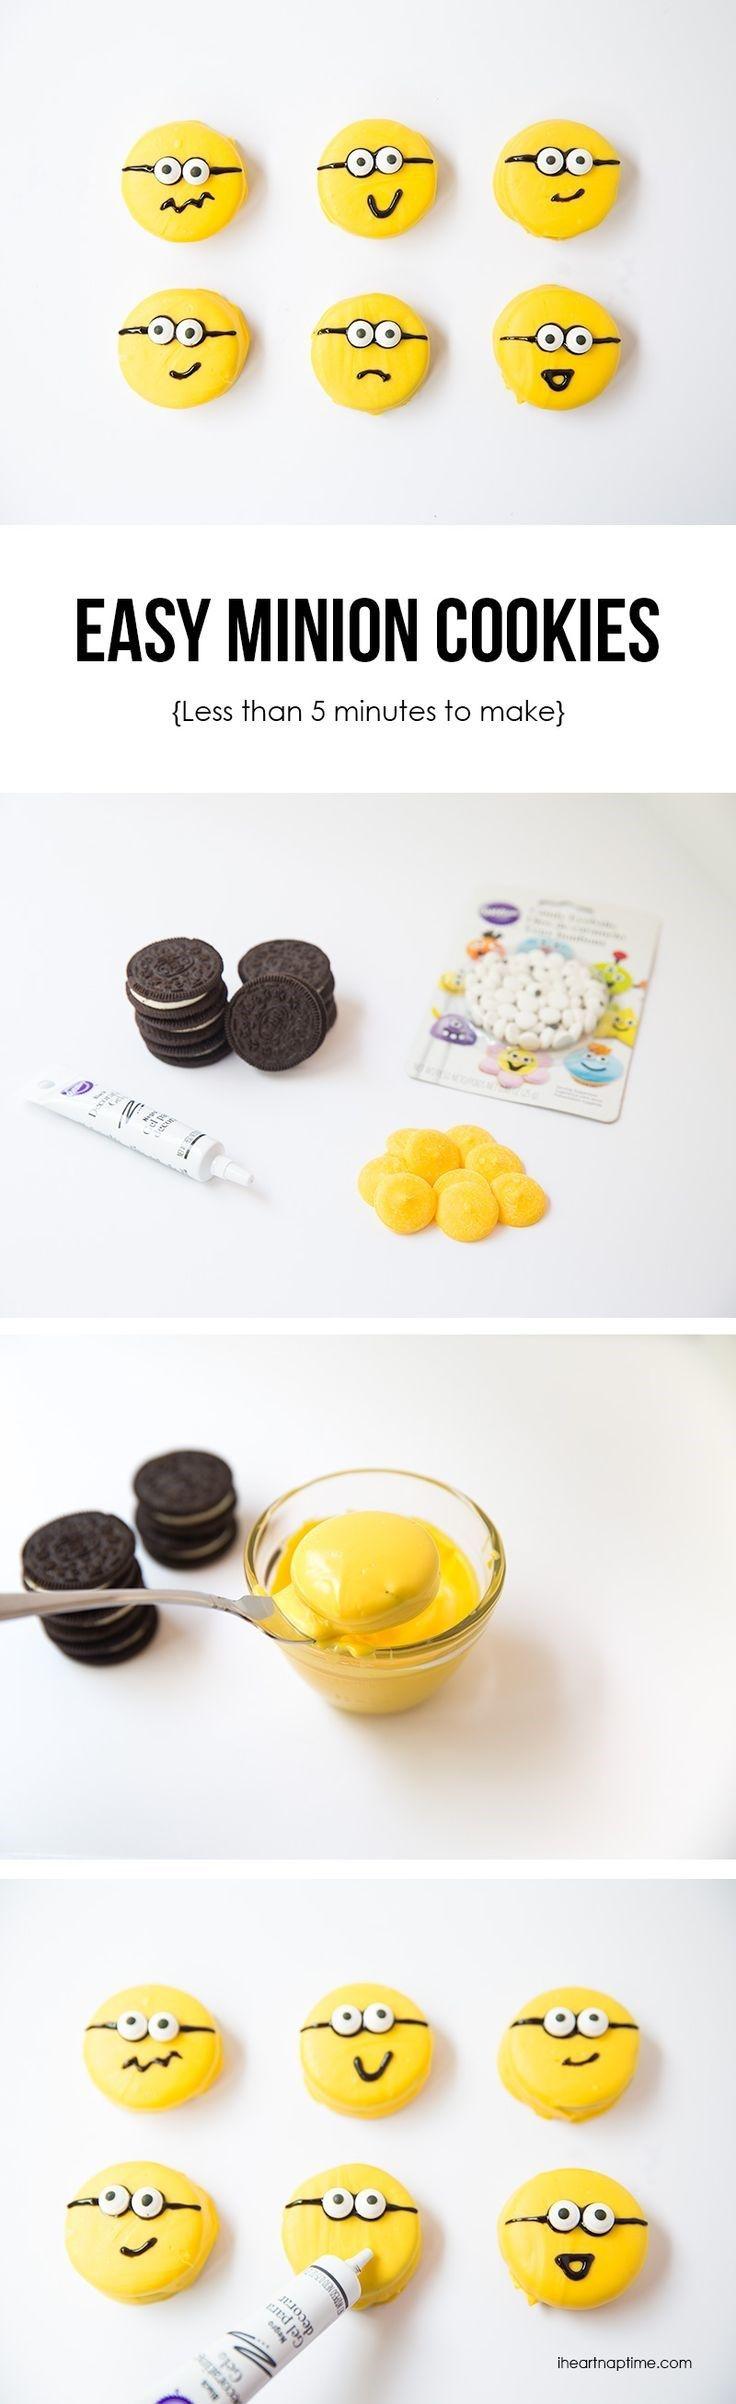 Oreo: o guia completo de sobremesas de que você precisa - Mega Curioso